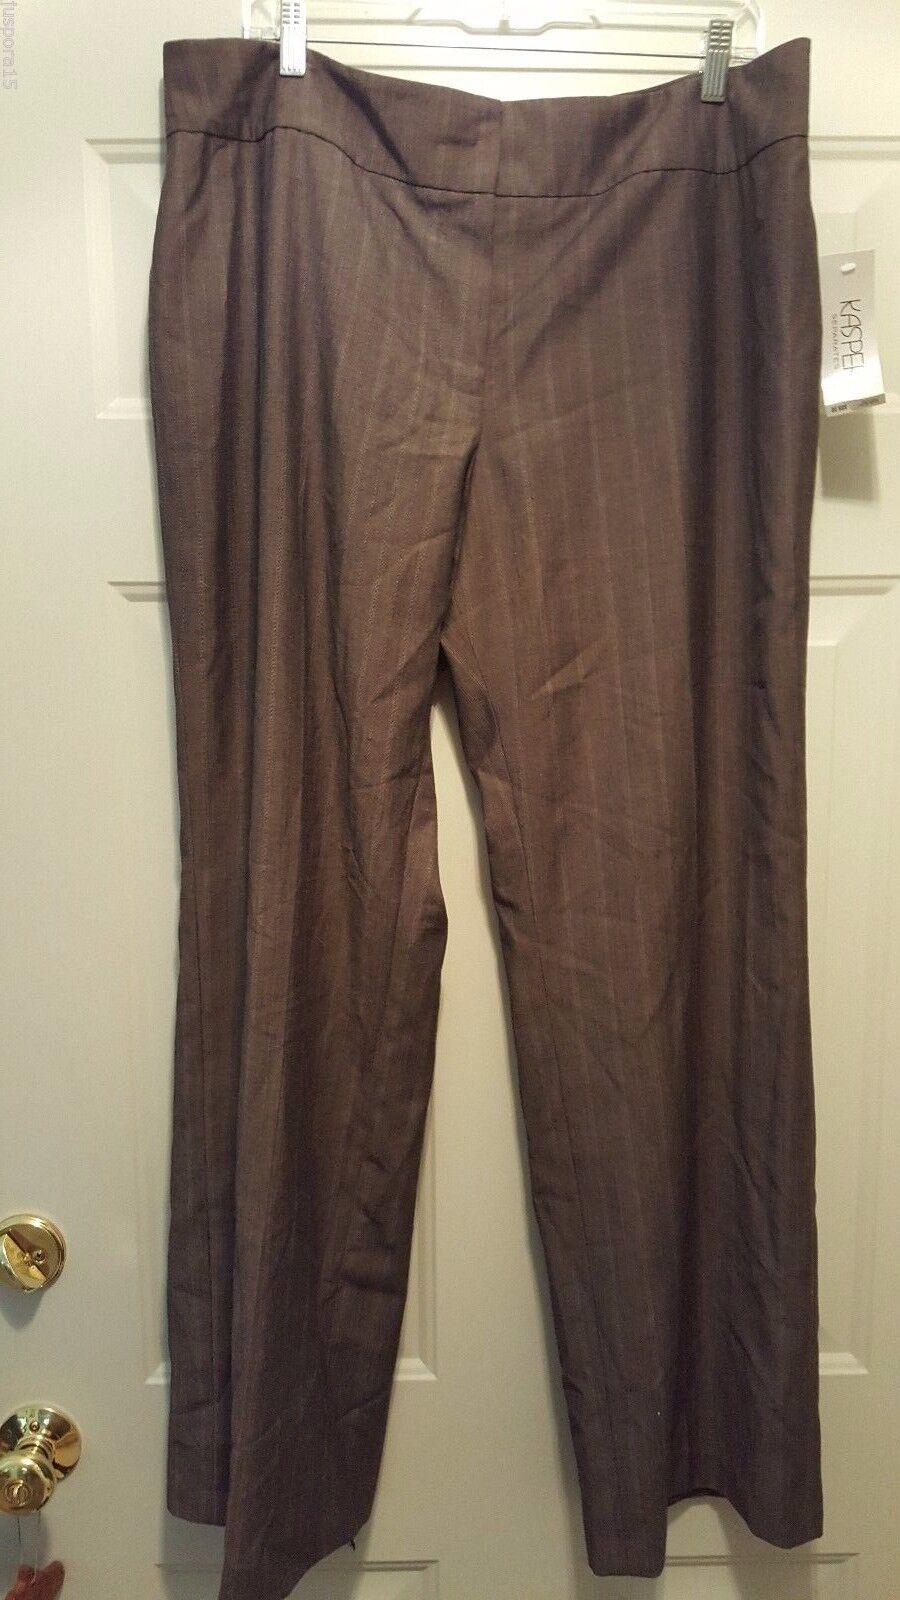 Kasper NWT Womens Light Dark Brown Striped Lined Dress Pants Size 16